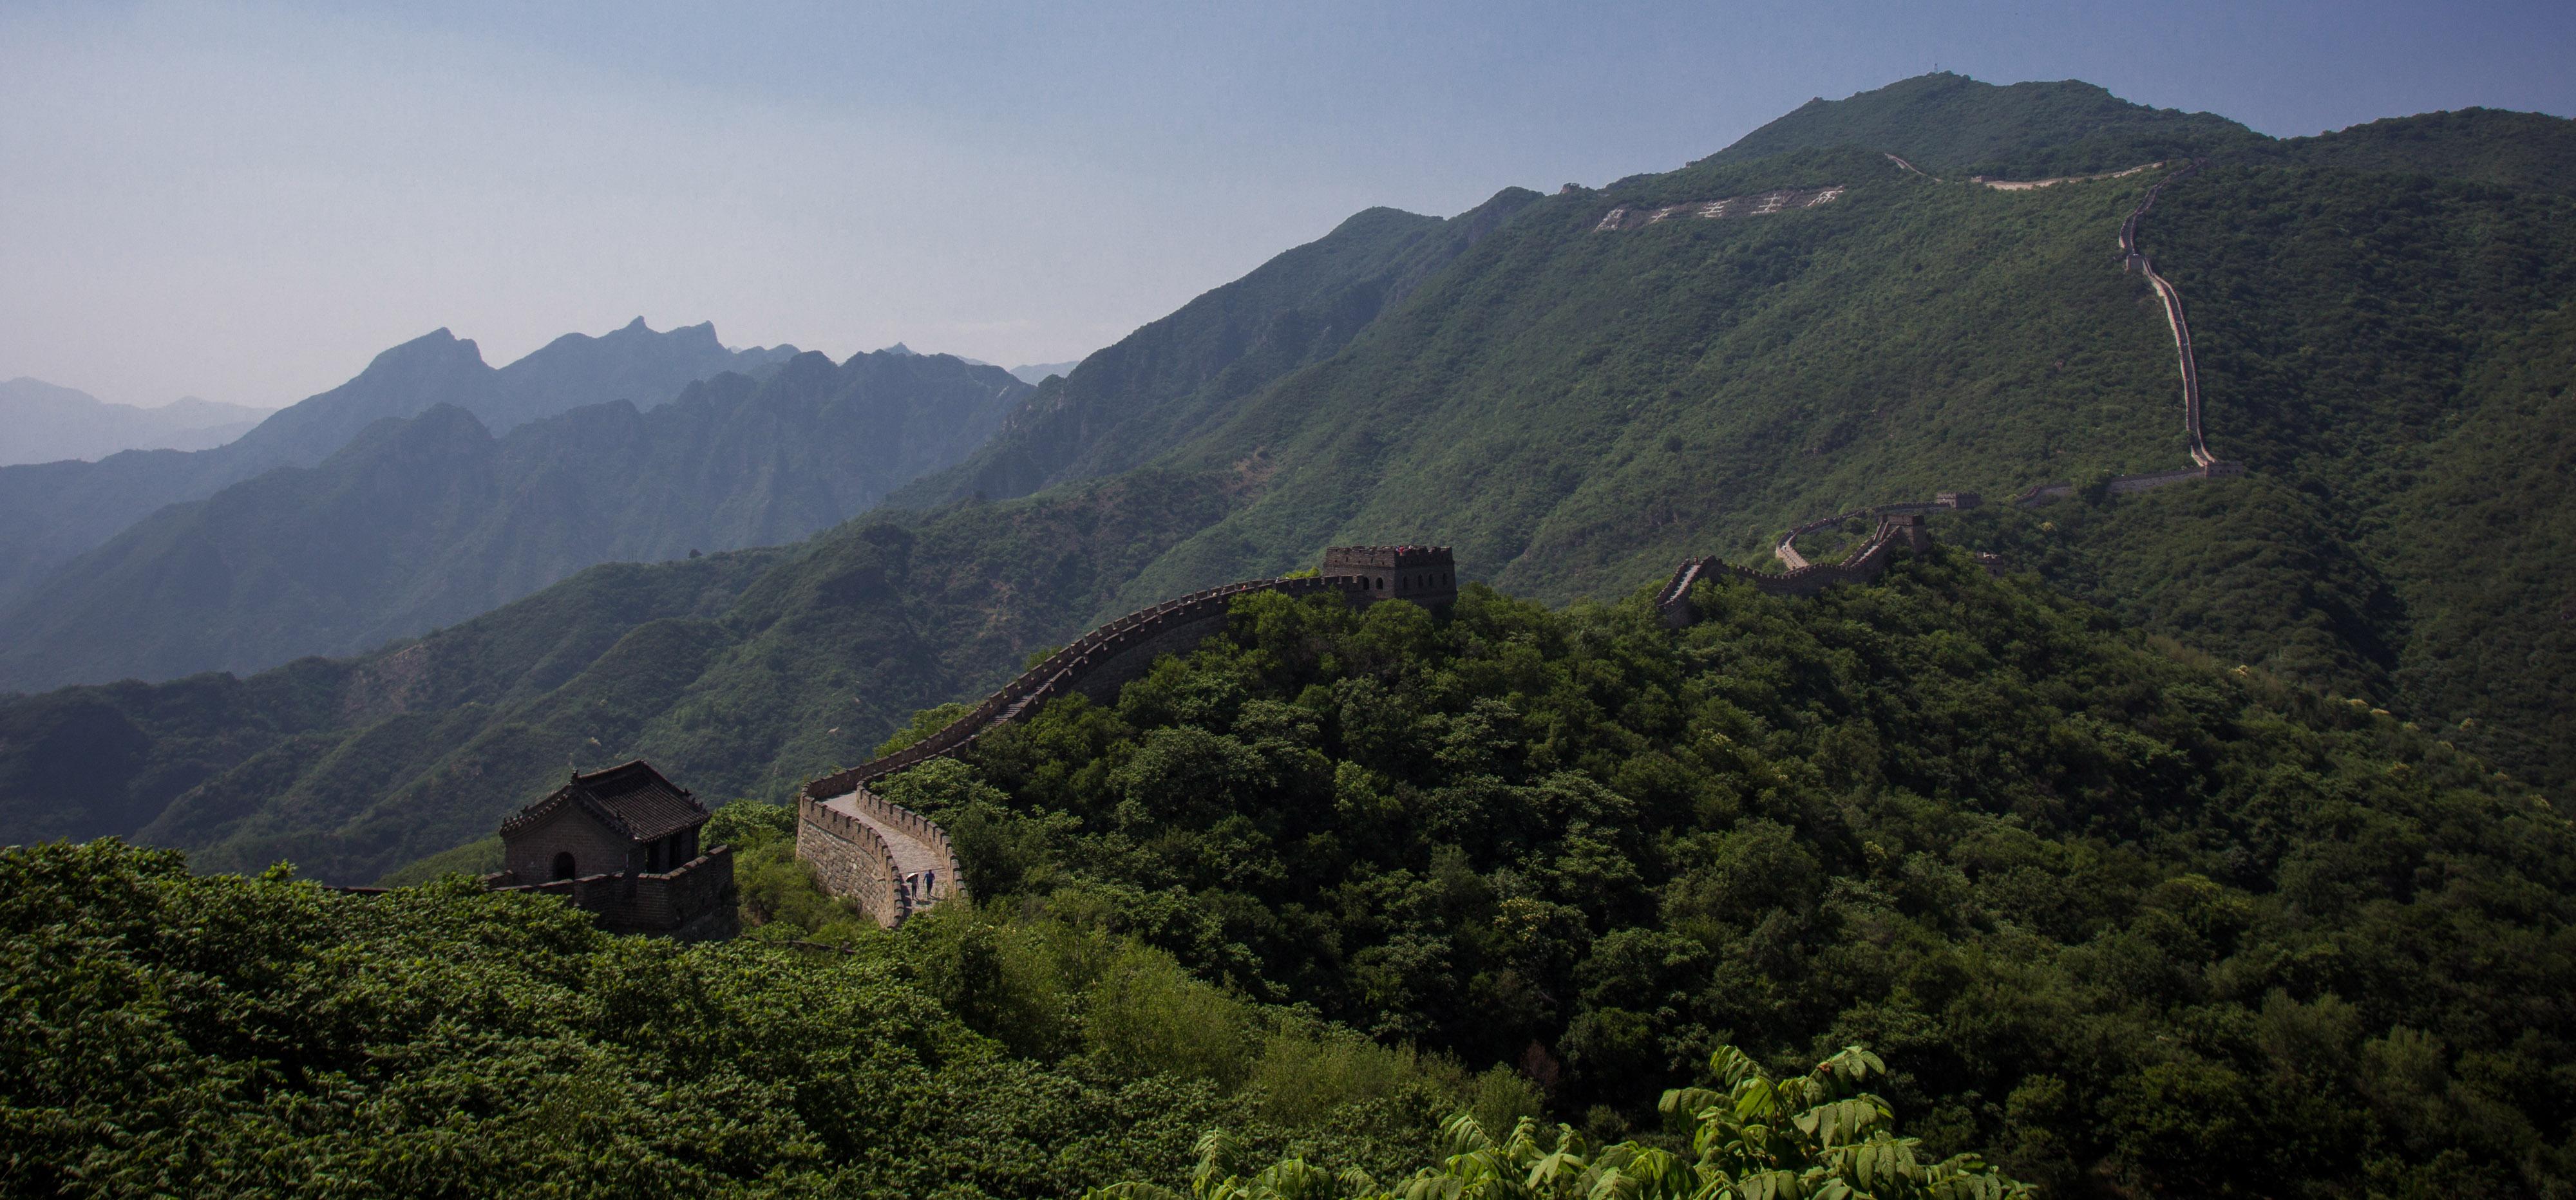 China - Tony Bertolino